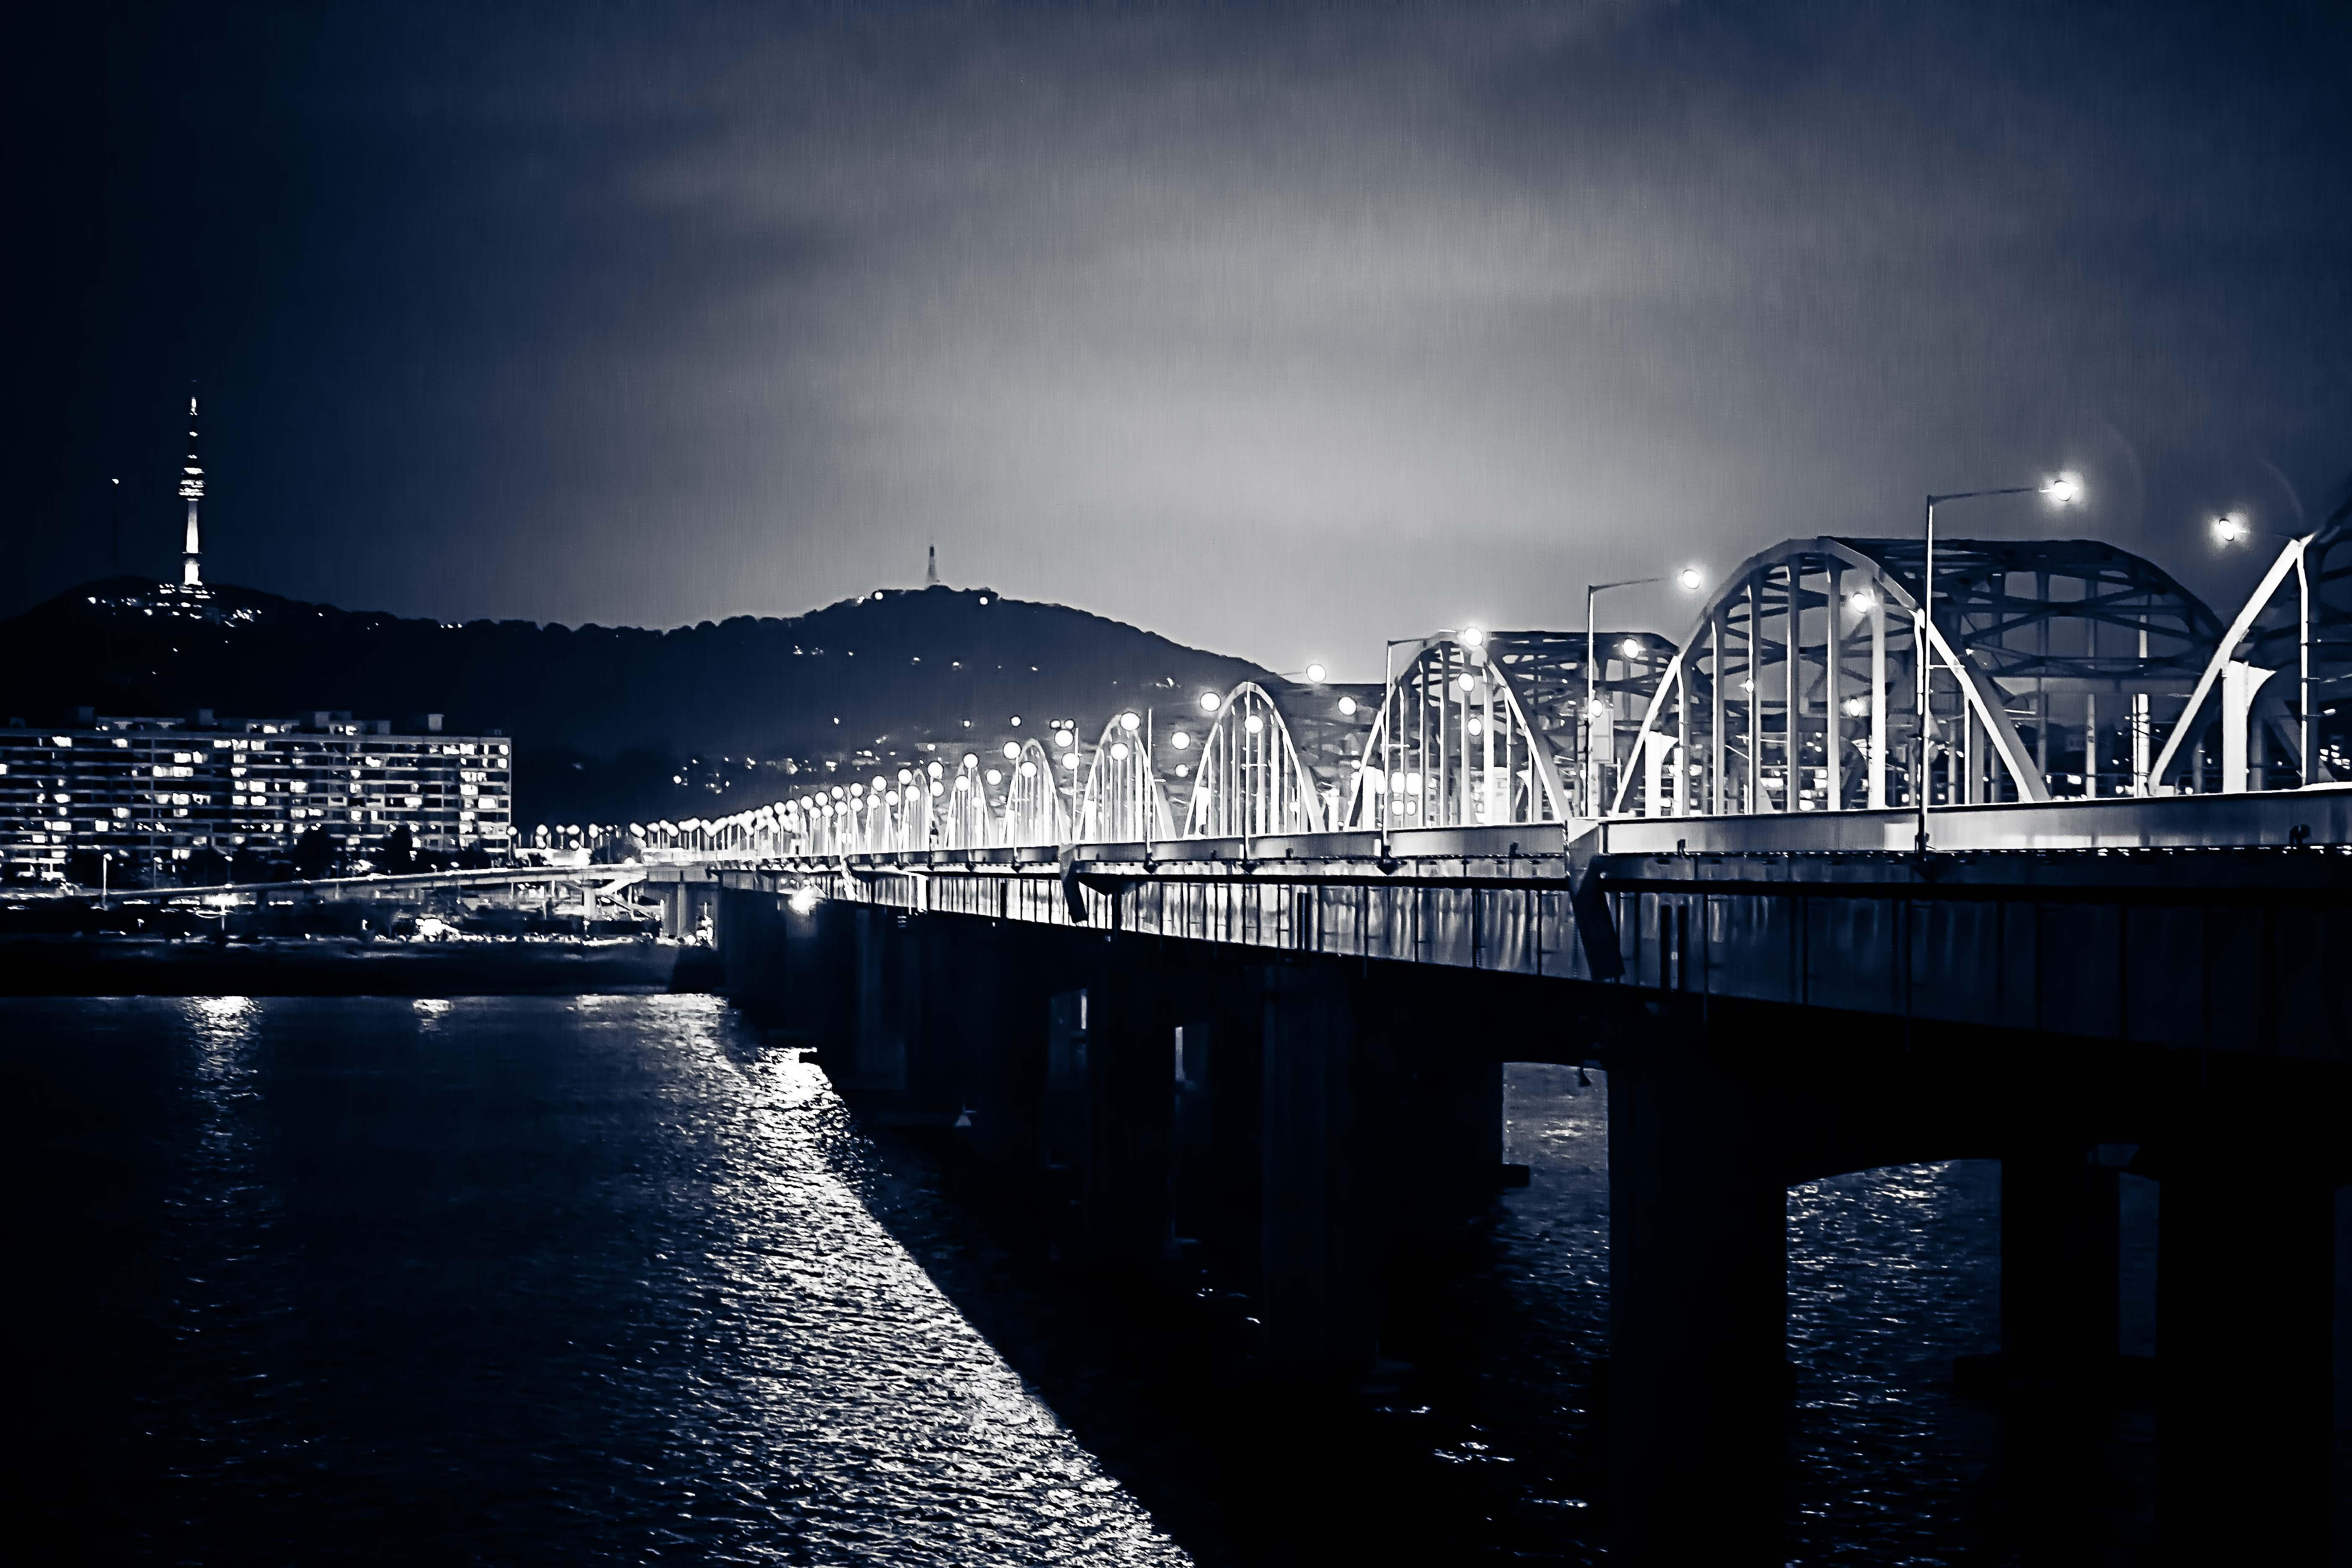 Rob - Hangang Bridge